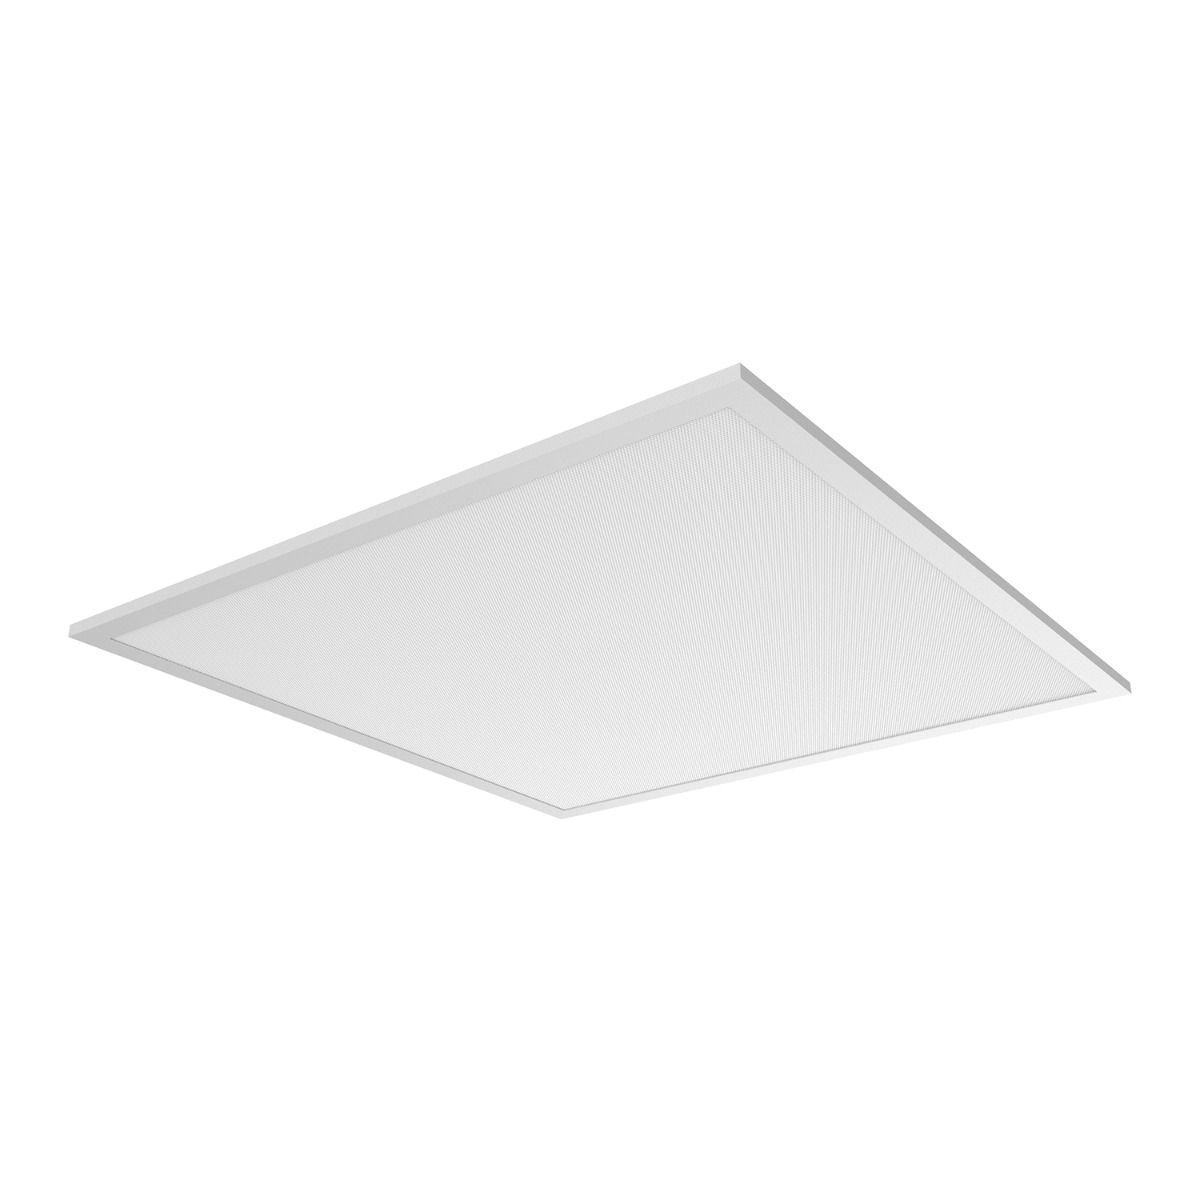 Noxion LED Paneeli Delta Pro V3 Highlum 36W 3000K 5225lm 60x60cm UGR <19 | Lämmin Valkoinen - Korvaa 4x18W